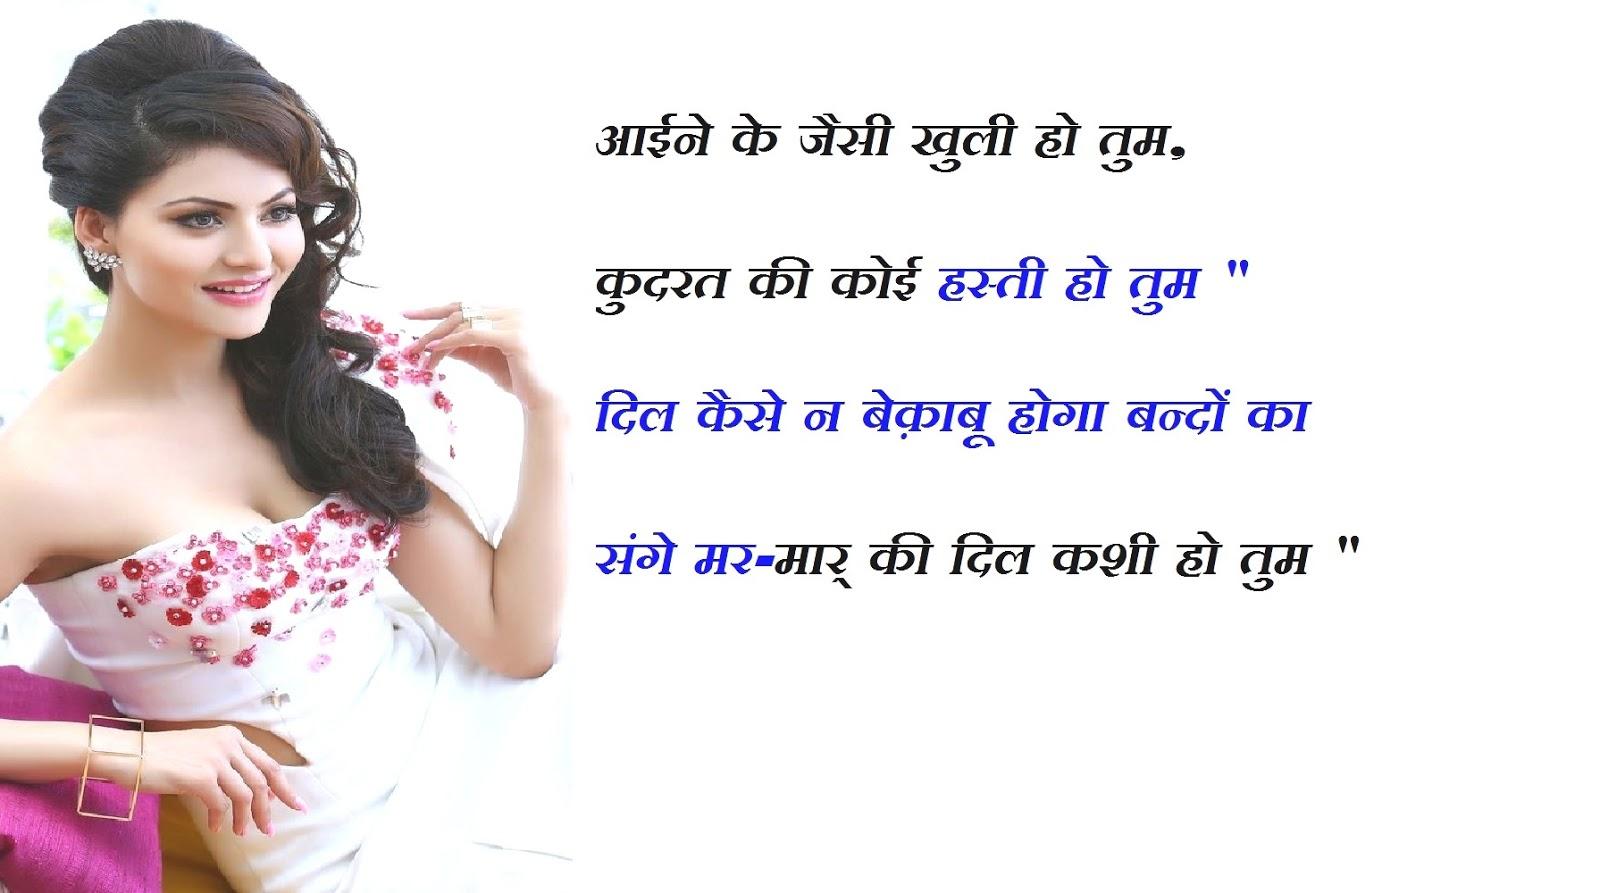 love status, romantic status, romantic shayari hindi, romantic shayari hindi mai, romantic shayari for boyfriend, 2 line romantic shayari in hindi, whatsapp status video romantic, whatsapp status video download, romantic shayari on love in hindi, आईने के जैसी खुली हो तुम-कुदरत की कोई हस्ती हो तुम-दिल कैसे न बेक़ाबू होगा बन्दों का संगे मर-मार् की दिल कशी हो तुम